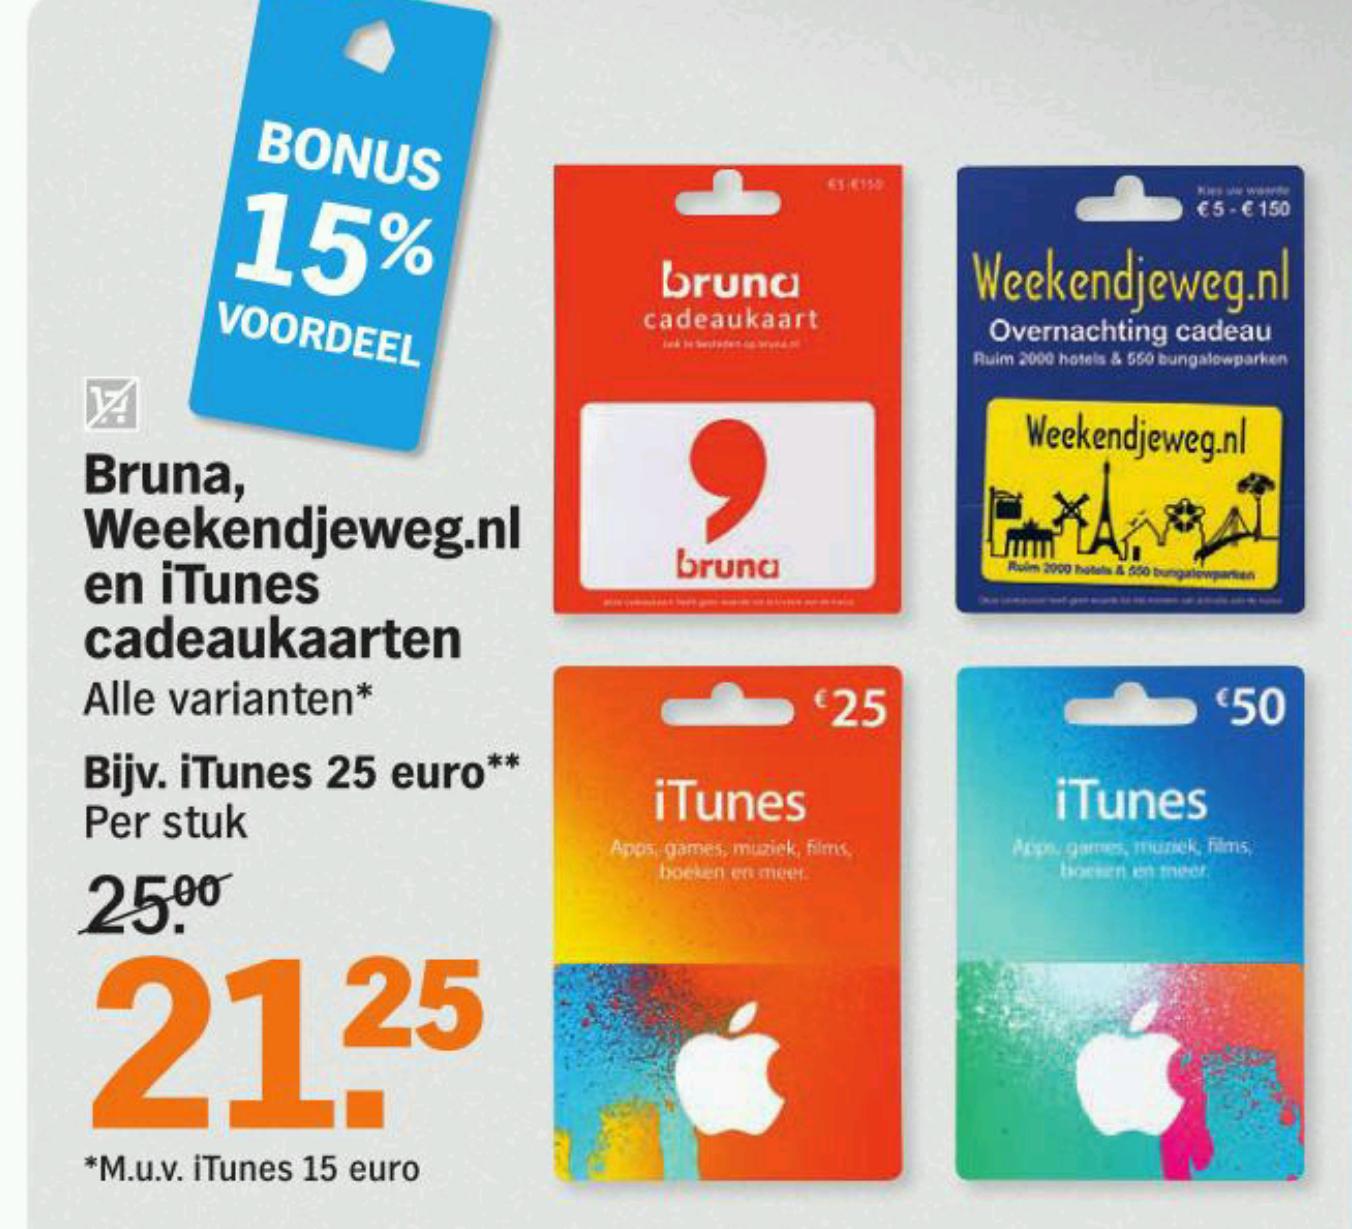 15% korting op Weekendjeweg, Bruna en iTunes  cadeaukaarten @ AH (maandag)